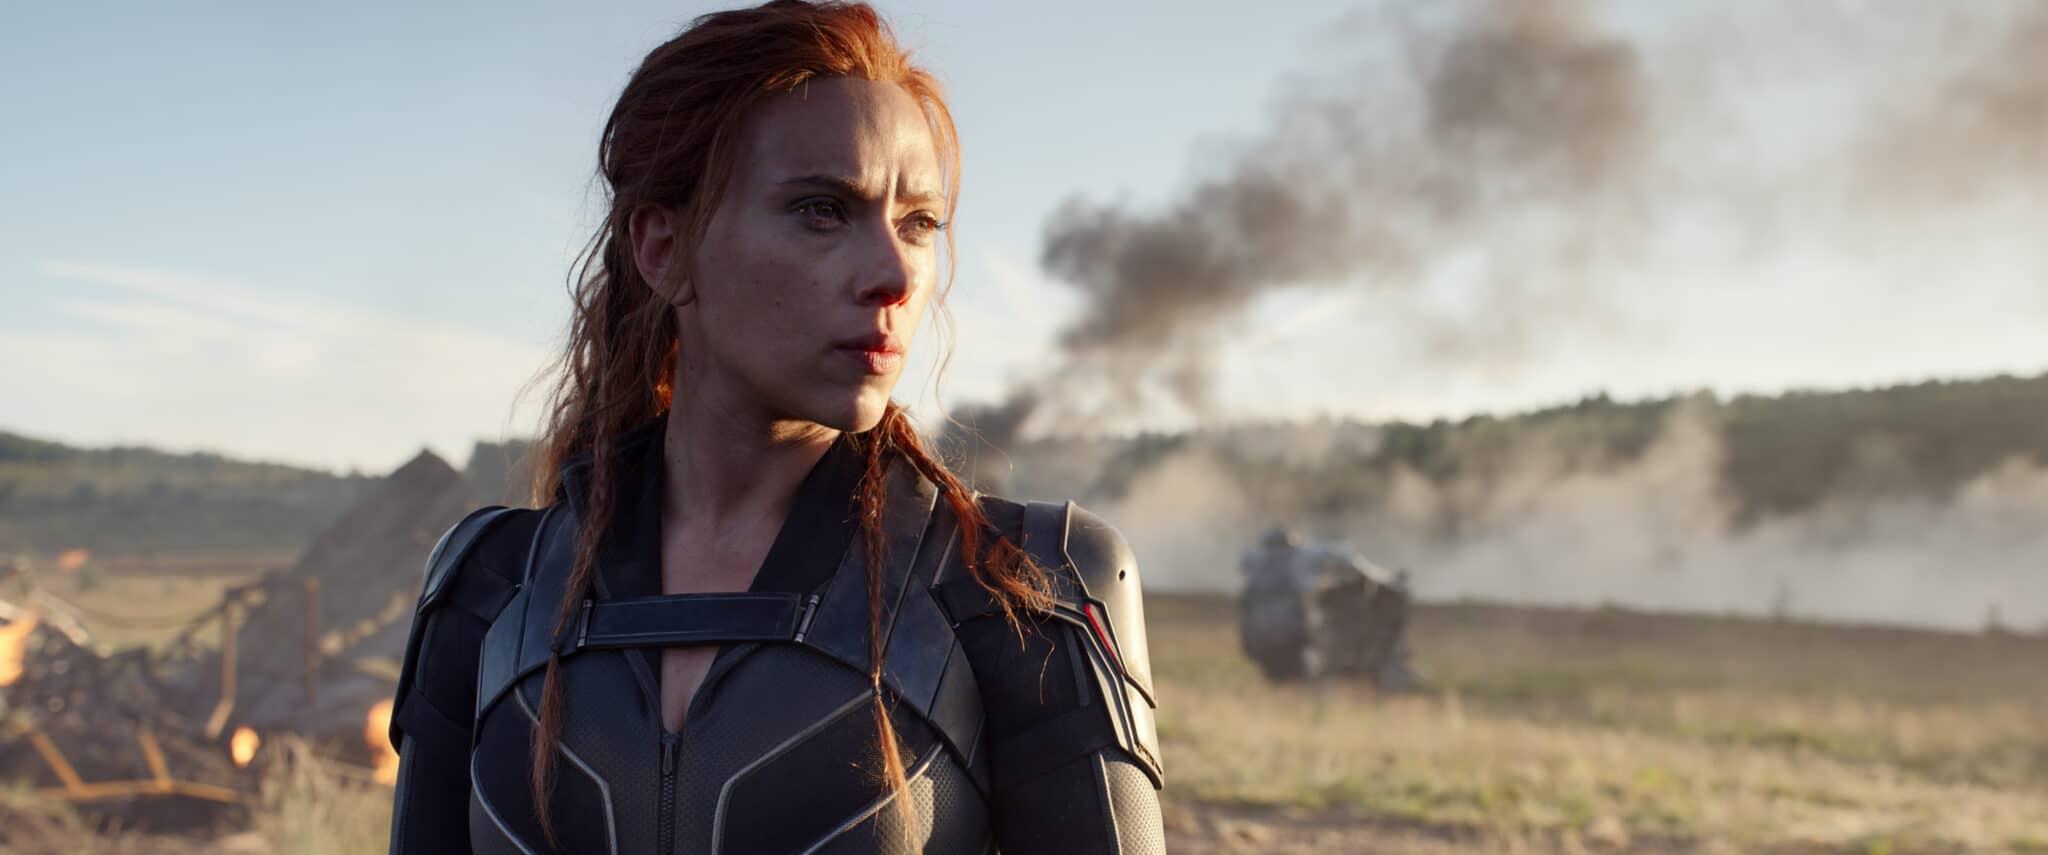 Black Widow (Scarlett Johansson) steht vor einigen Wrackteilen und Rauch auf einem offenen Feld.